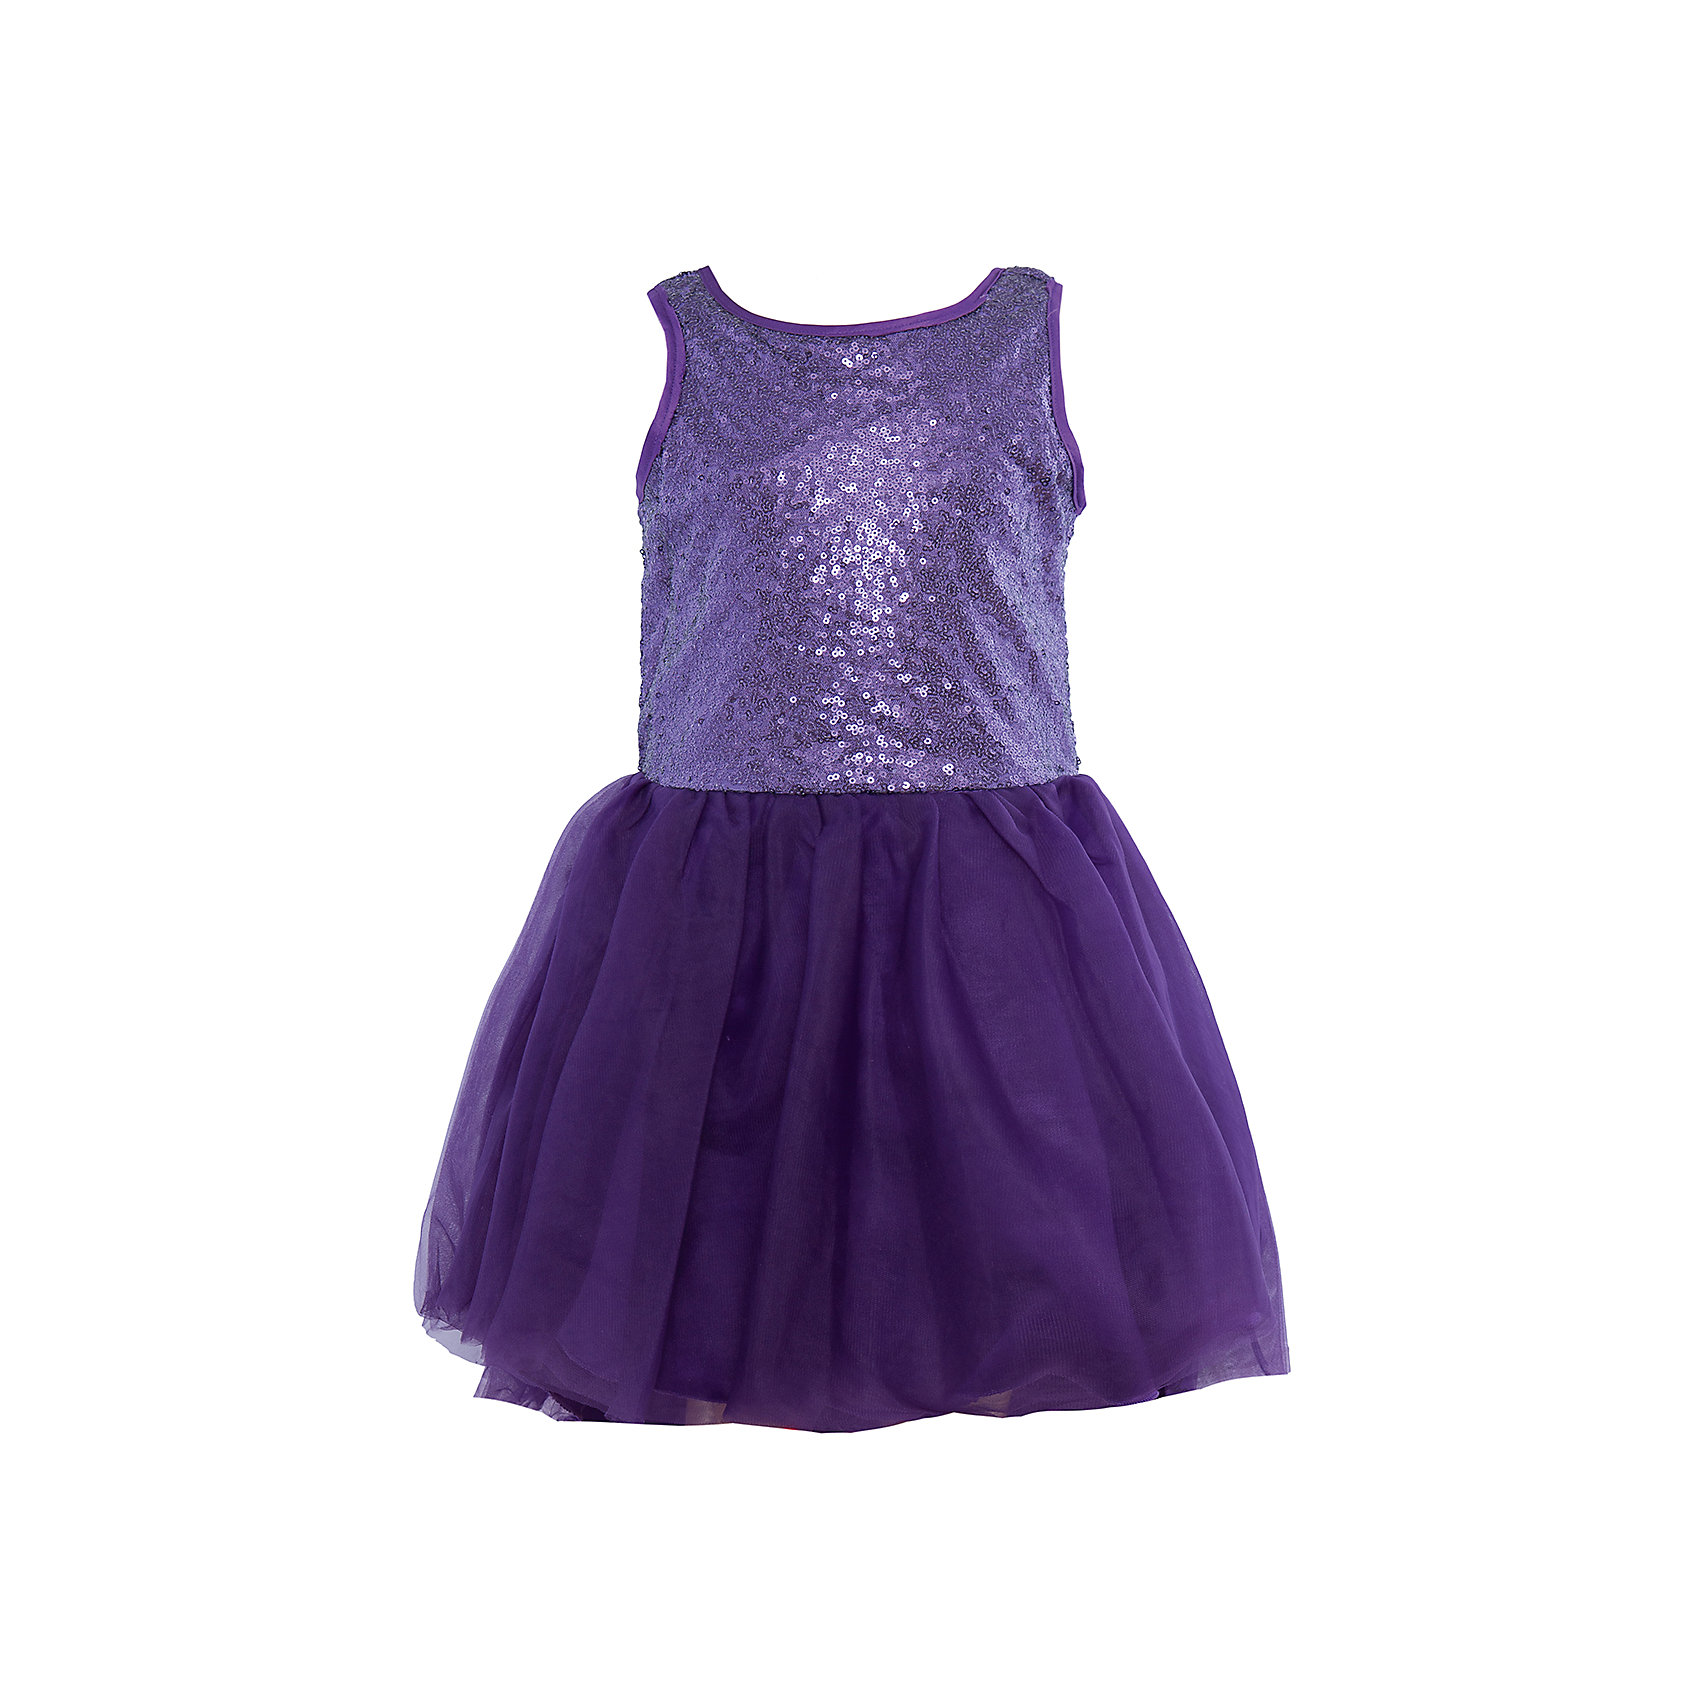 Нарядное платье для девочки Sweet BerryОдежда<br>Характеристики:<br><br>• Вид одежды: платье<br>• Предназначение: для праздника, торжеств<br>• Сезон: круглый год<br>• Материал: верх – 100% полиэстер; подкладка – 100% хлопок<br>• Цвет: фиолетовый<br>• Силуэт: классический А-силуэт<br>• Длина платья: миди<br>• Стиль юбки: пачка<br>• Вырез горловины: круглый<br>• Застежка: молния на спинке<br>• Особенности ухода: ручная стирка без применения отбеливающих средств, глажение при низкой температуре <br><br>Sweet Berry – это производитель, который сочетает в своей одежде функциональность, качество, стиль и следование современным мировым тенденциям в детской текстильной индустрии. <br>Стильное платье для девочки от знаменитого производителя детской одежды Sweet Berry выполнено из полиэстера с хлопковой подкладкой. Изделие имеет классический силуэт с отрезной талией и многослойную юбку-пачку со шлейфом. Пышность и объем юбке придает подъюбник. Полочка оформлена пайетками фиолетового цвета, вырез рукавов и горловины обработаны атласной лентой. Праздничное платье от Sweet Berry – это залог успеха вашего ребенка на любом торжестве!<br><br>Платье для девочки Sweet Berry можно купить в нашем интернет-магазине.<br><br>Ширина мм: 236<br>Глубина мм: 16<br>Высота мм: 184<br>Вес г: 177<br>Цвет: фиолетовый<br>Возраст от месяцев: 60<br>Возраст до месяцев: 72<br>Пол: Женский<br>Возраст: Детский<br>Размер: 110,98,116,104,128,122<br>SKU: 5052154